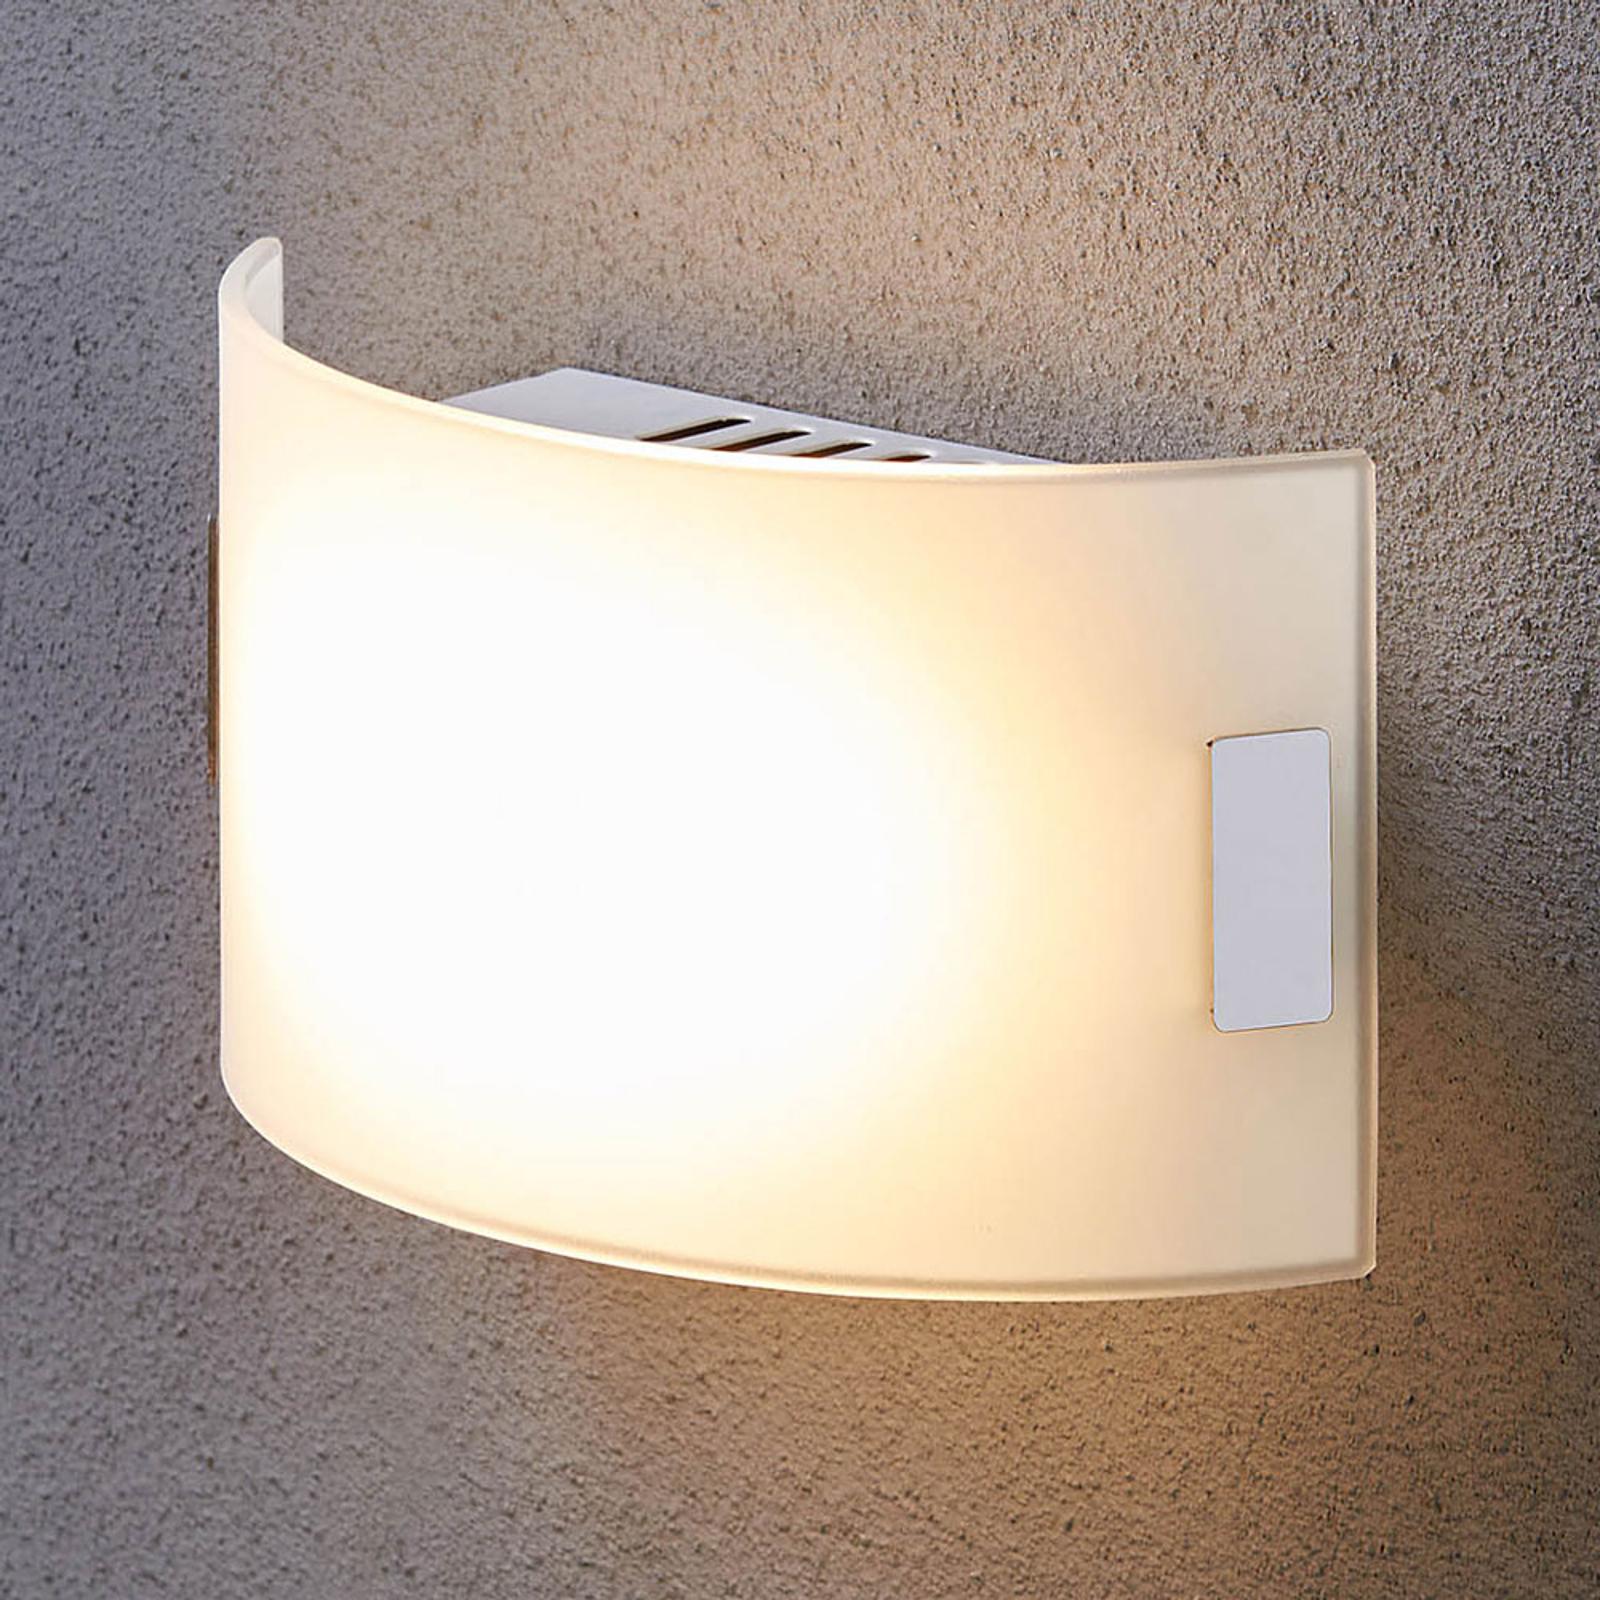 Weiße Glas-Wandleuchte Gisela mit LED-Bestückung